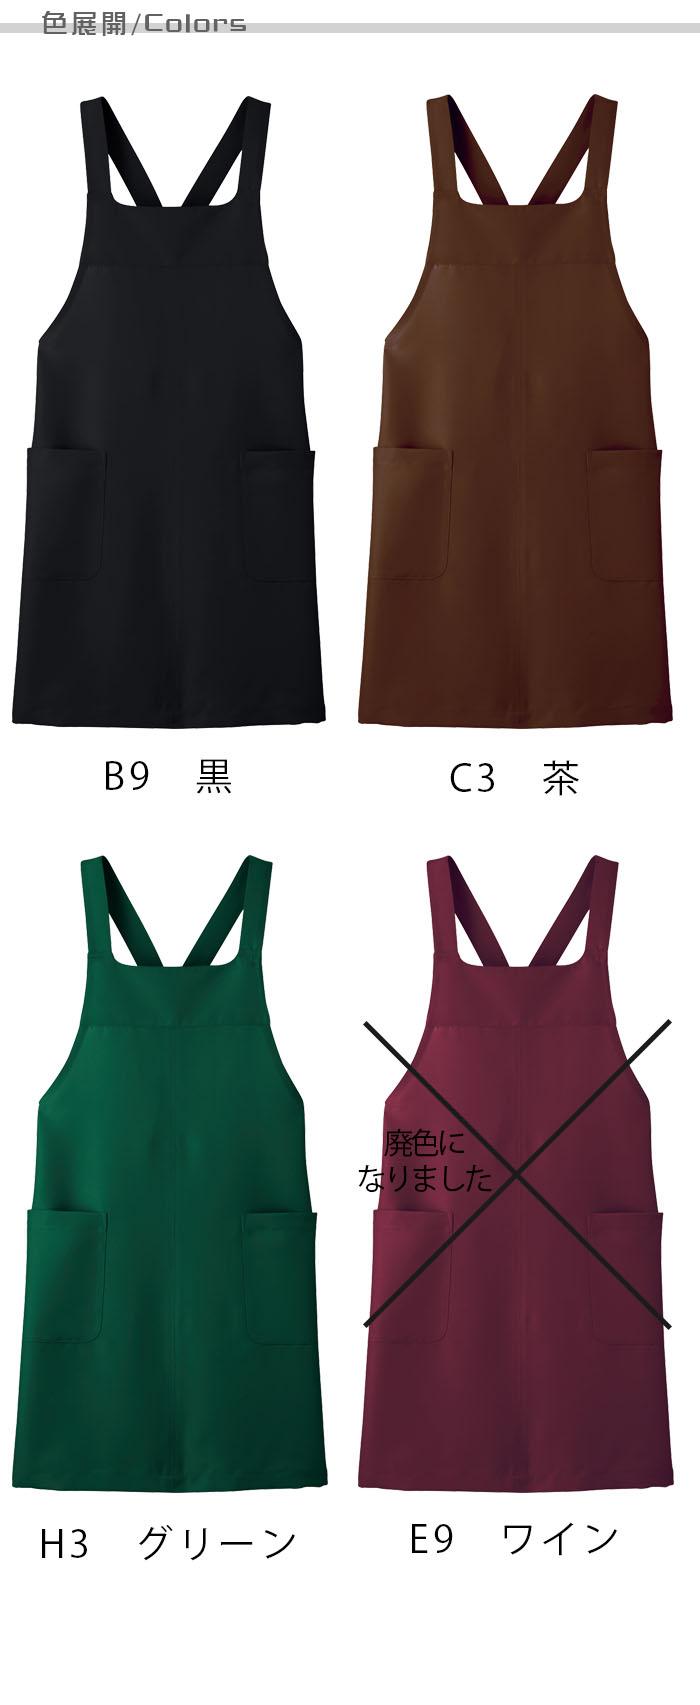 飲食店販売制服 10色から選べるコーデしやすい胸あてエプロン 撥水・撥油・制電 男女兼用  商品色展開説明